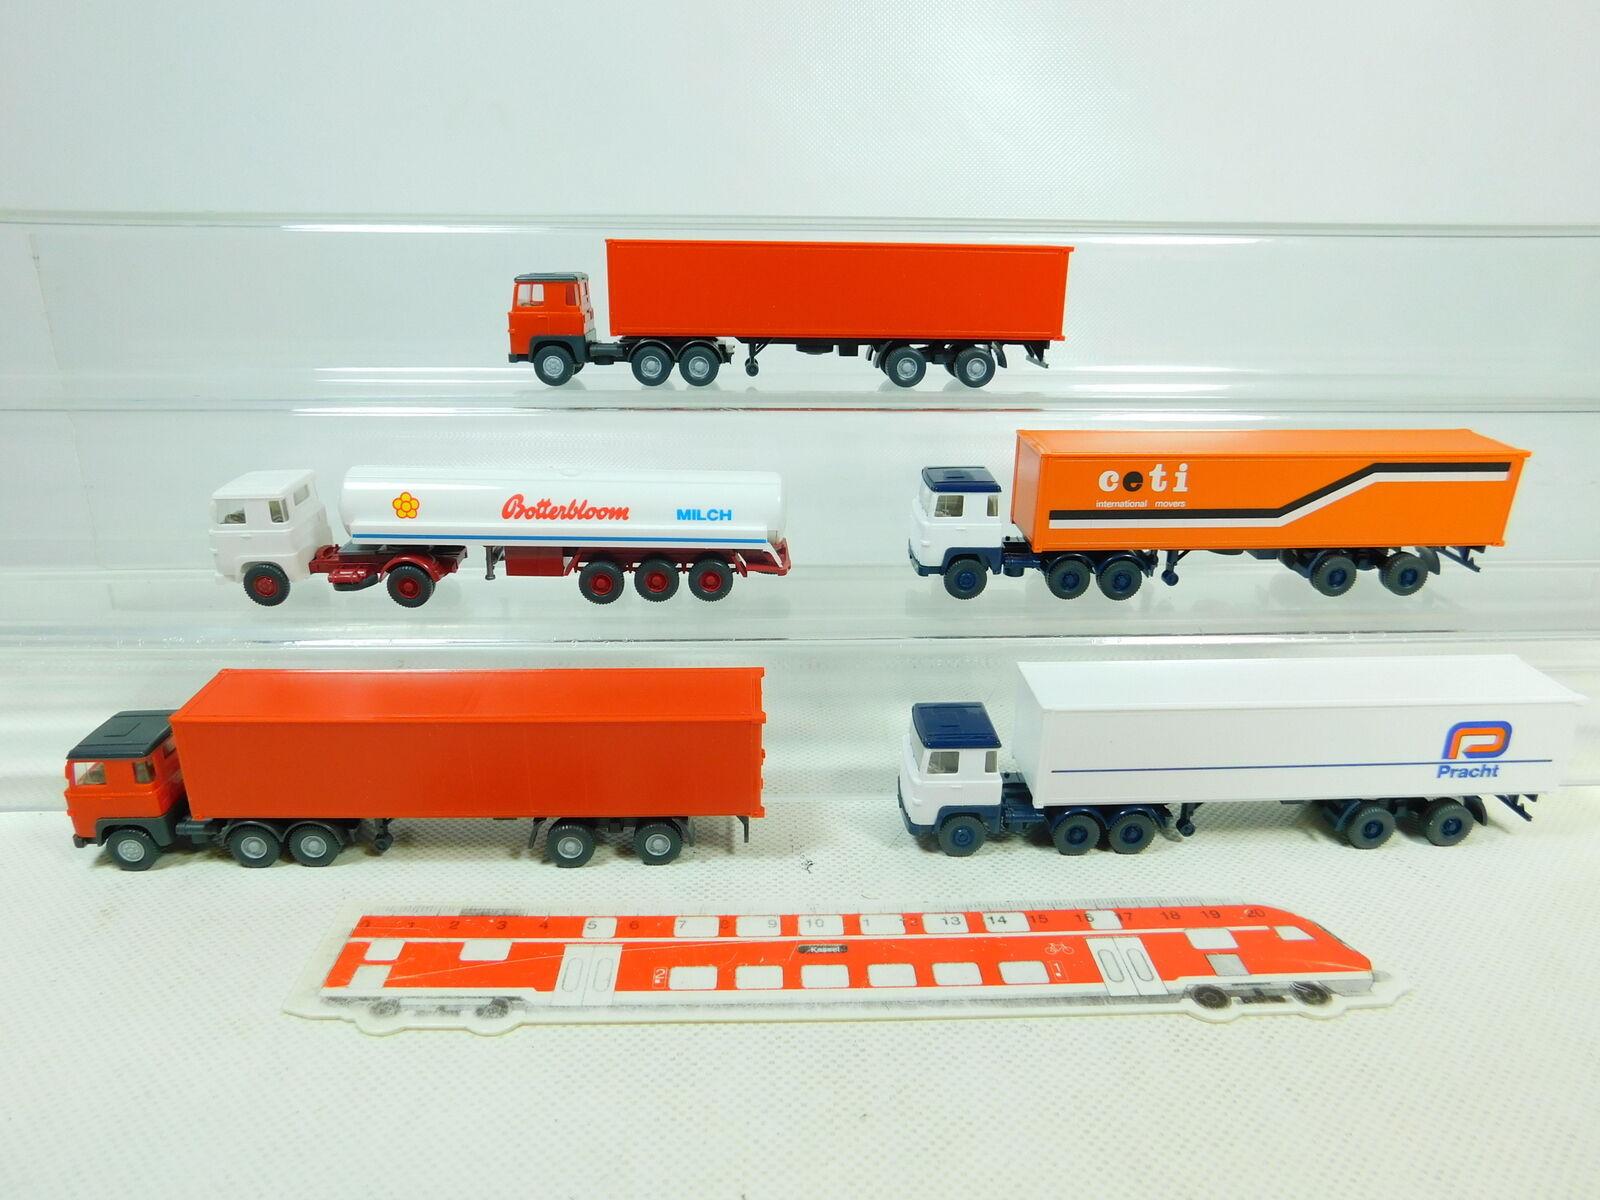 BT383-0,5 BT383-0,5 BT383-0,5 X Wiking H0   1 87 Camión Scania  Ceti + Botterbloom + Esplendor 630bad